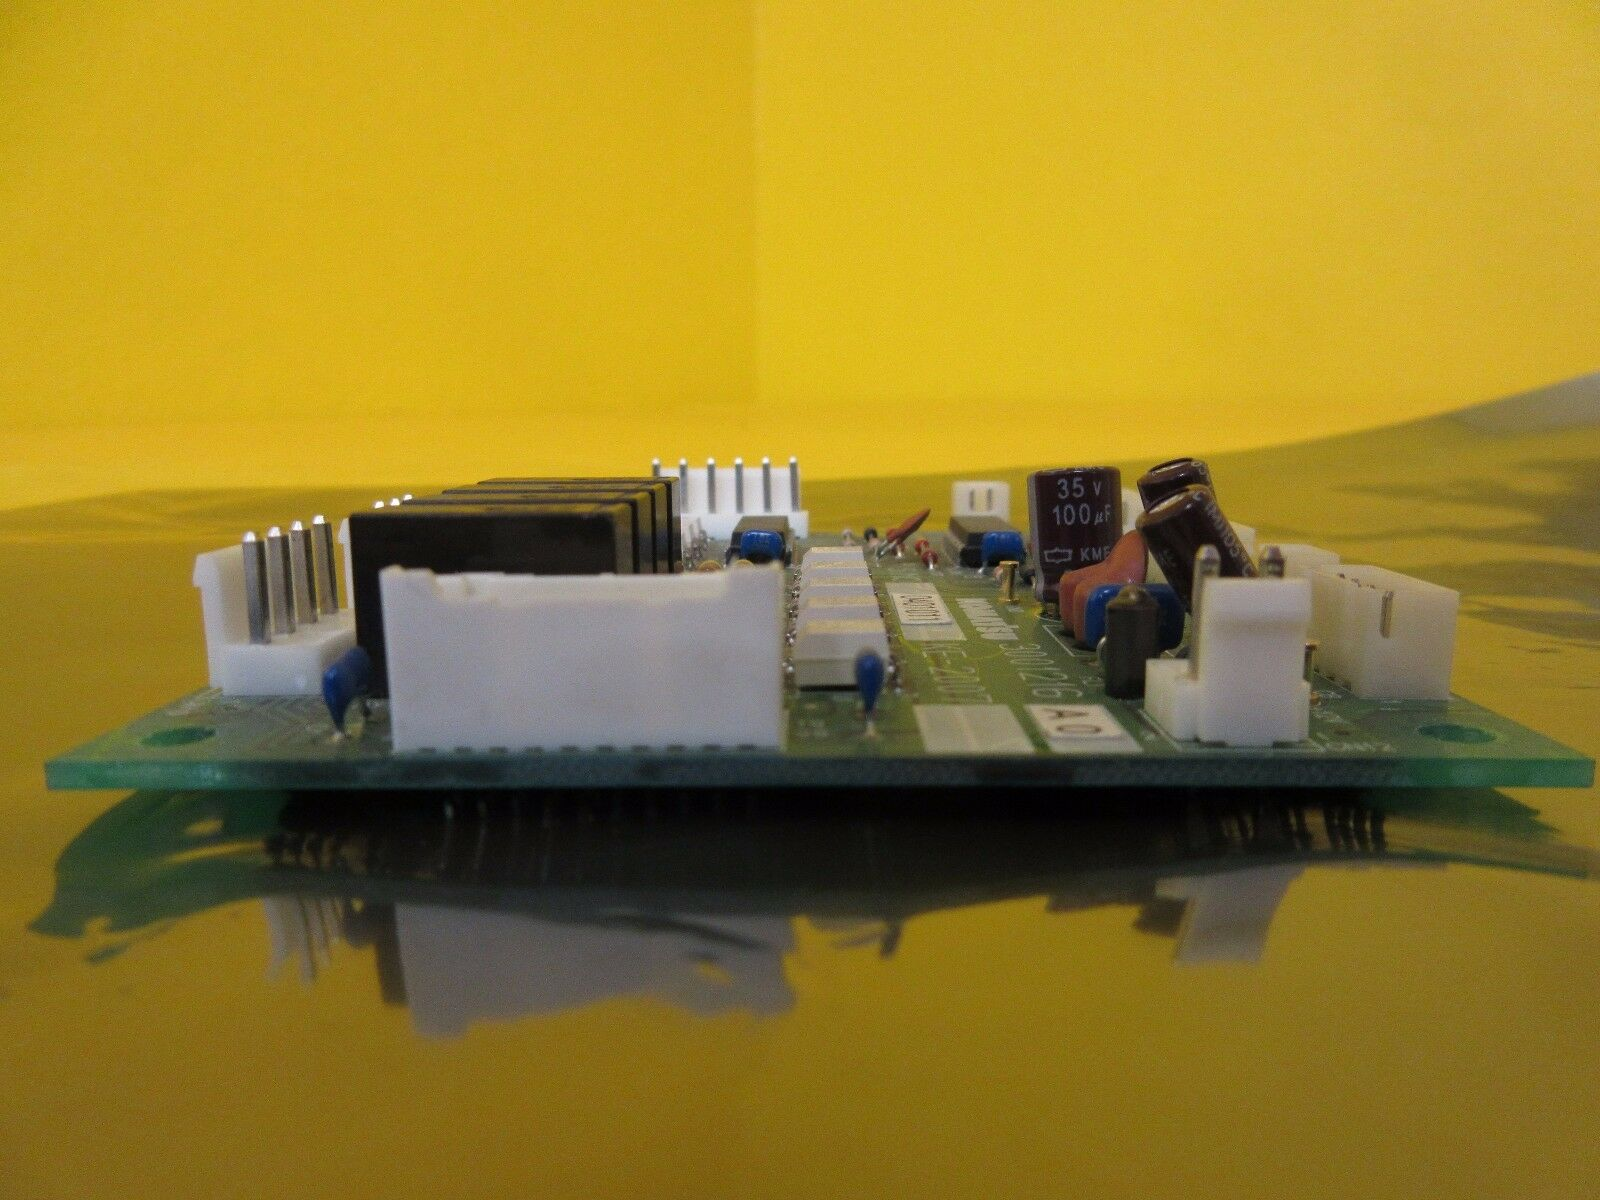 Placa de de de interfaz Komatsu 3001216A0 KE-2007 placa de circuito impreso utilizado en funcionamiento b5f16a